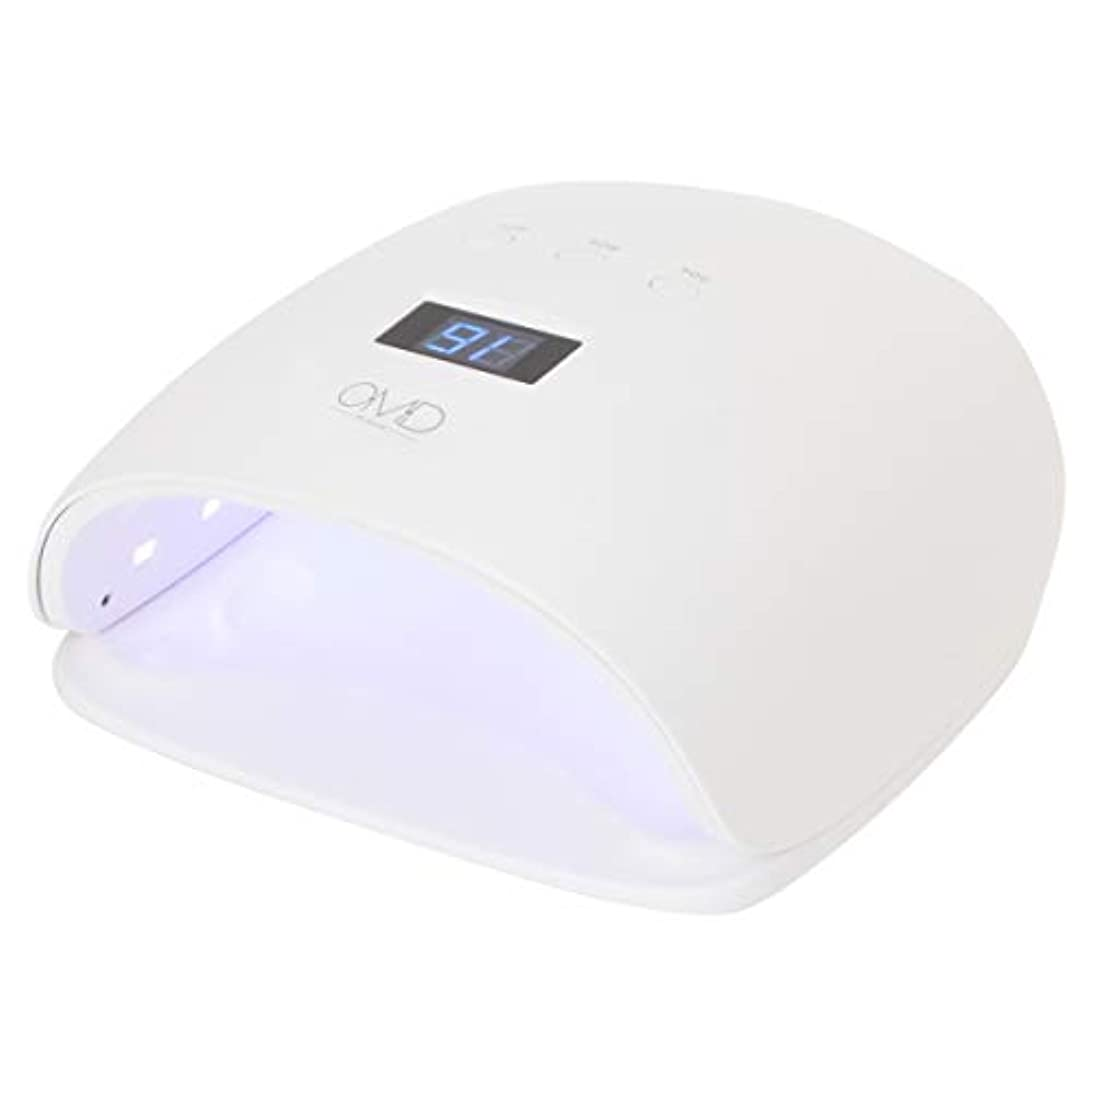 ドアミラー氷中世の<OMD> DX UV/LEDライト-D02 [ ネイルライト ネイルランプ LEDライト LEDランプ UVライト UVランプ ジェルネイル ネイルドライヤー LED UV ネイル ライト ランプ ]